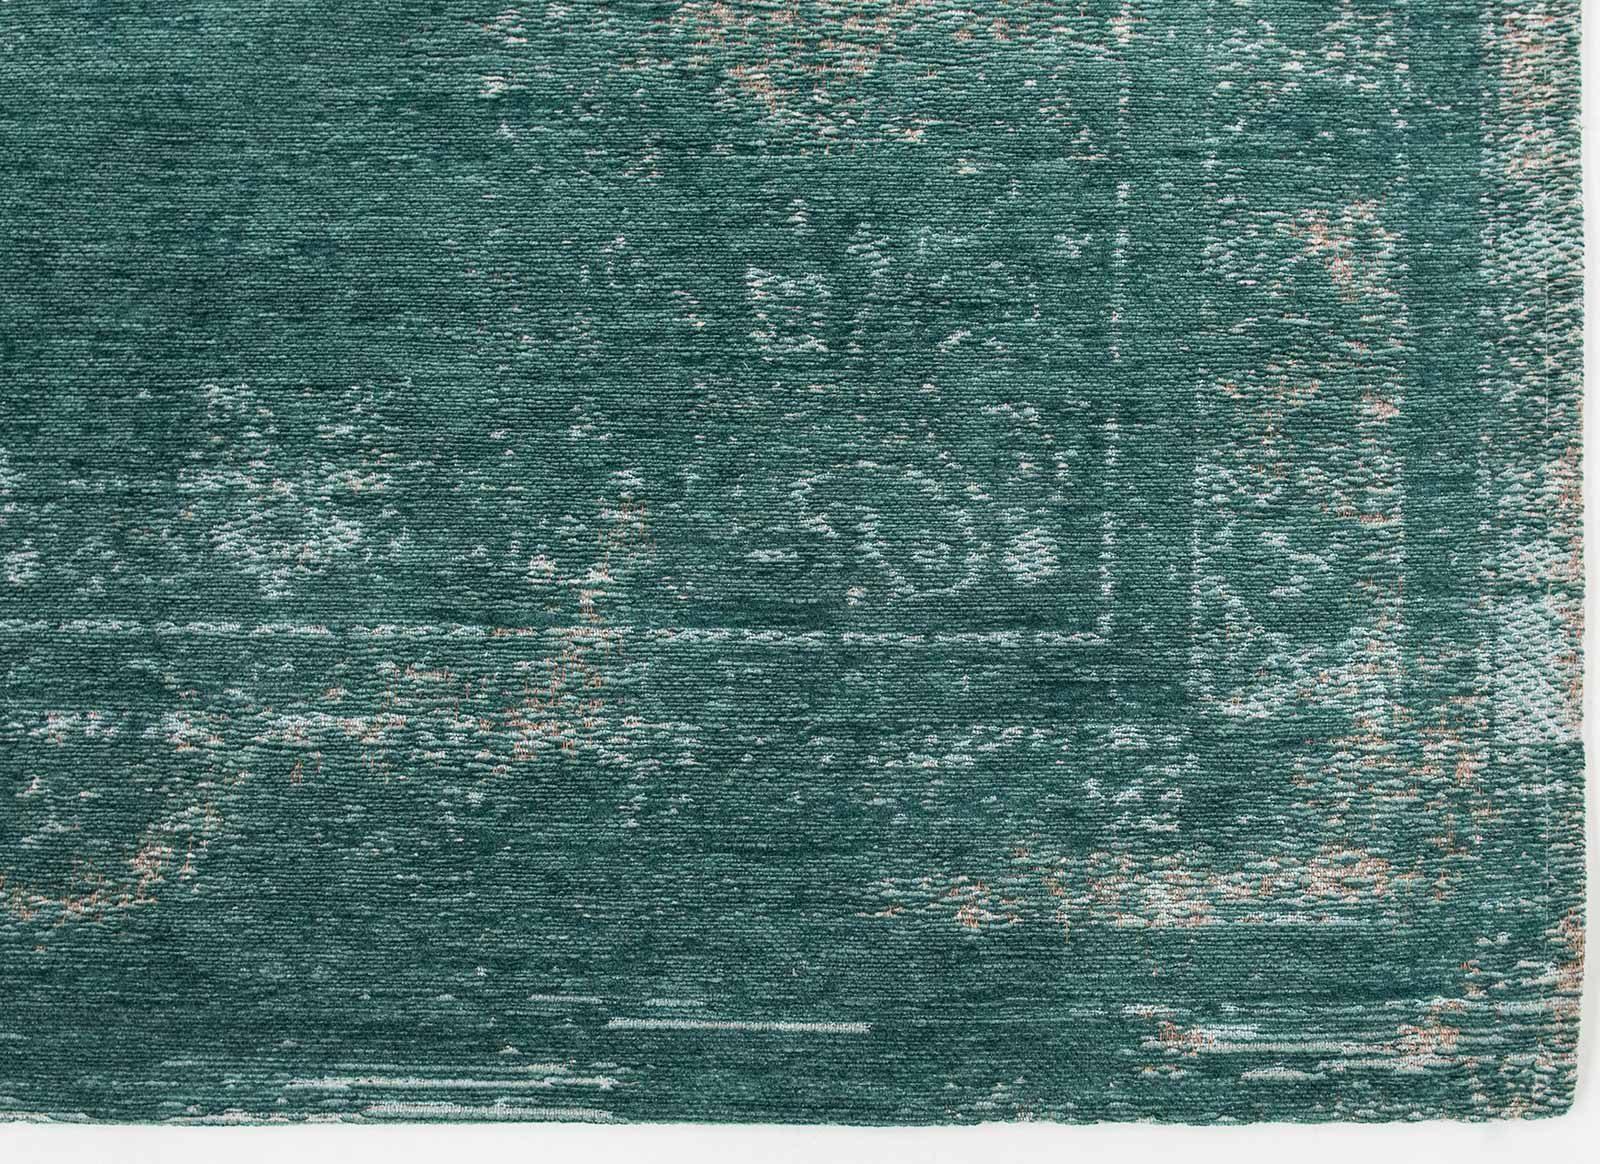 vloerkleed Louis De Poortere LX8258 Fading World Medaillon Jade corner